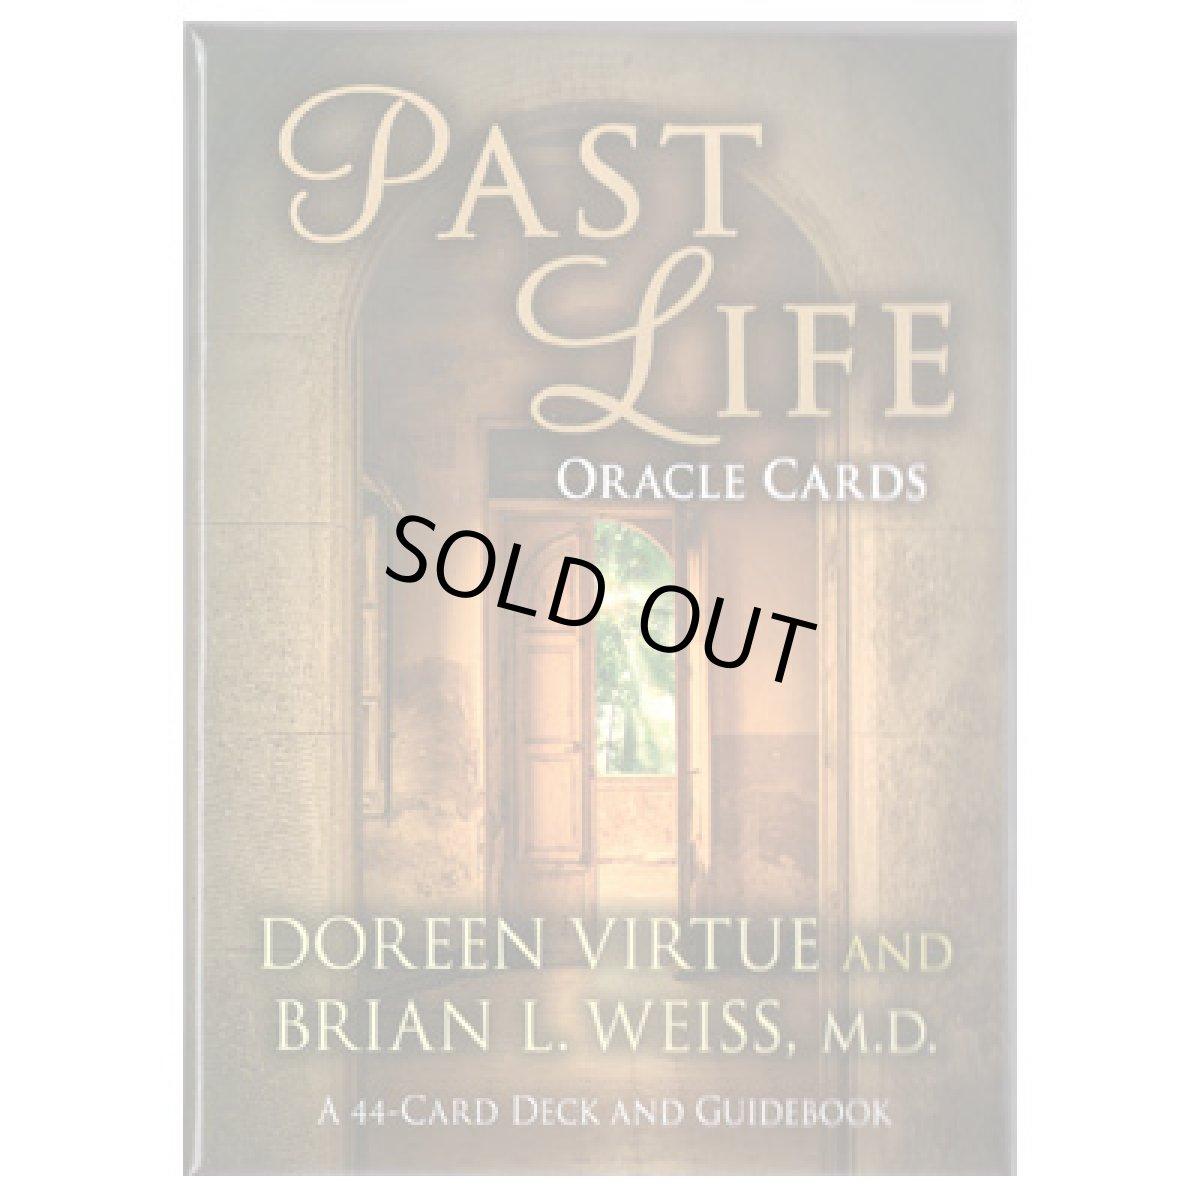 画像1: ドリーン・バーチュー パストライフ・オラクルカード Past Life Oracle (1)